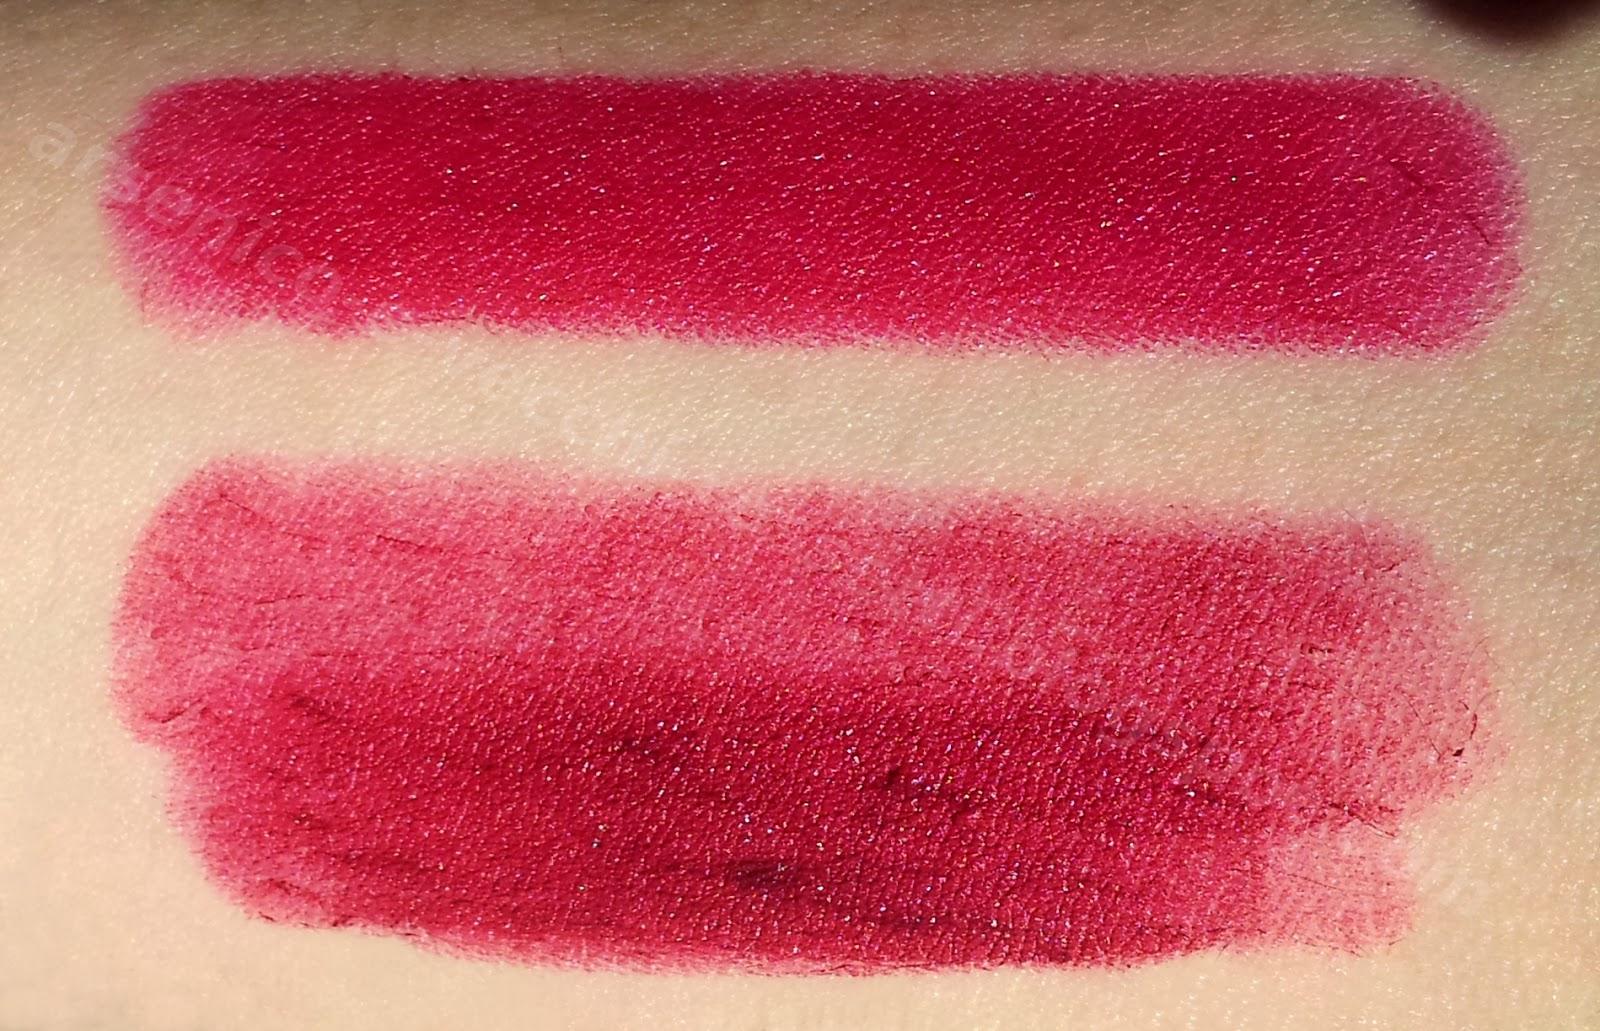 Chanel rossetto Rouge Allure Velvet #327 La Désirée swatch Rimmel Lasting Finish Kate Moss 09